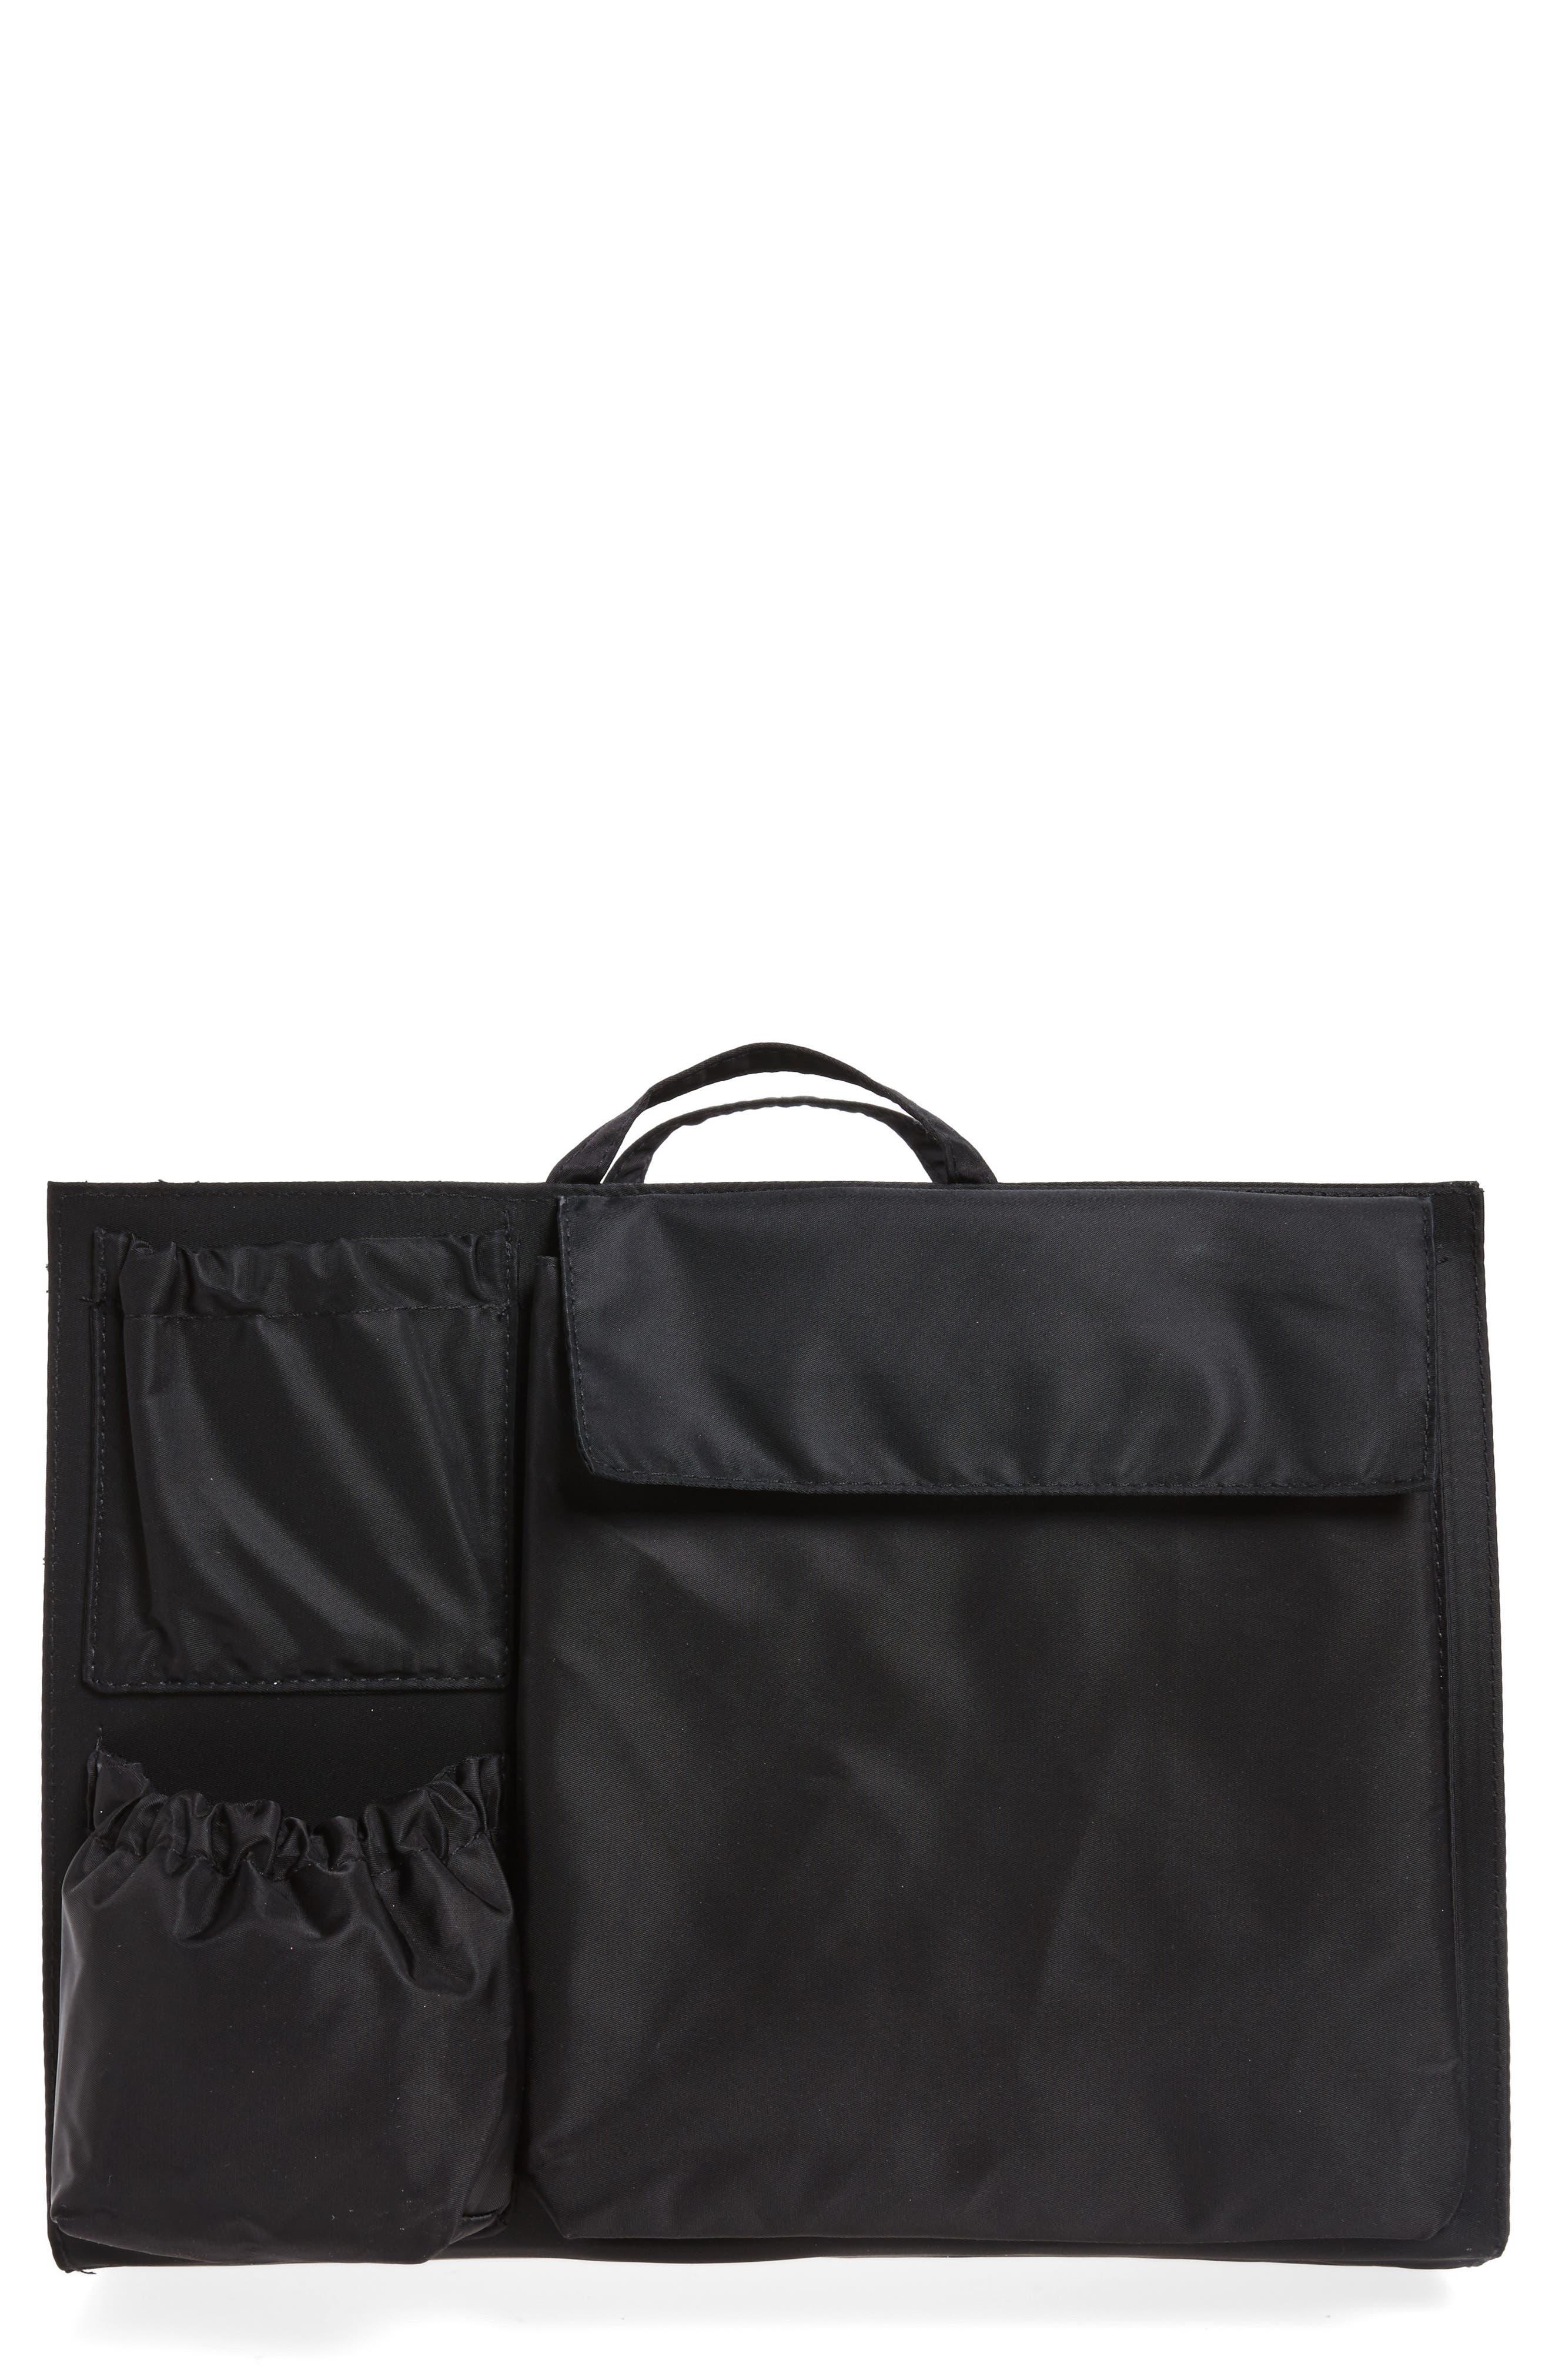 Totesavvy Organization Handbag Insert